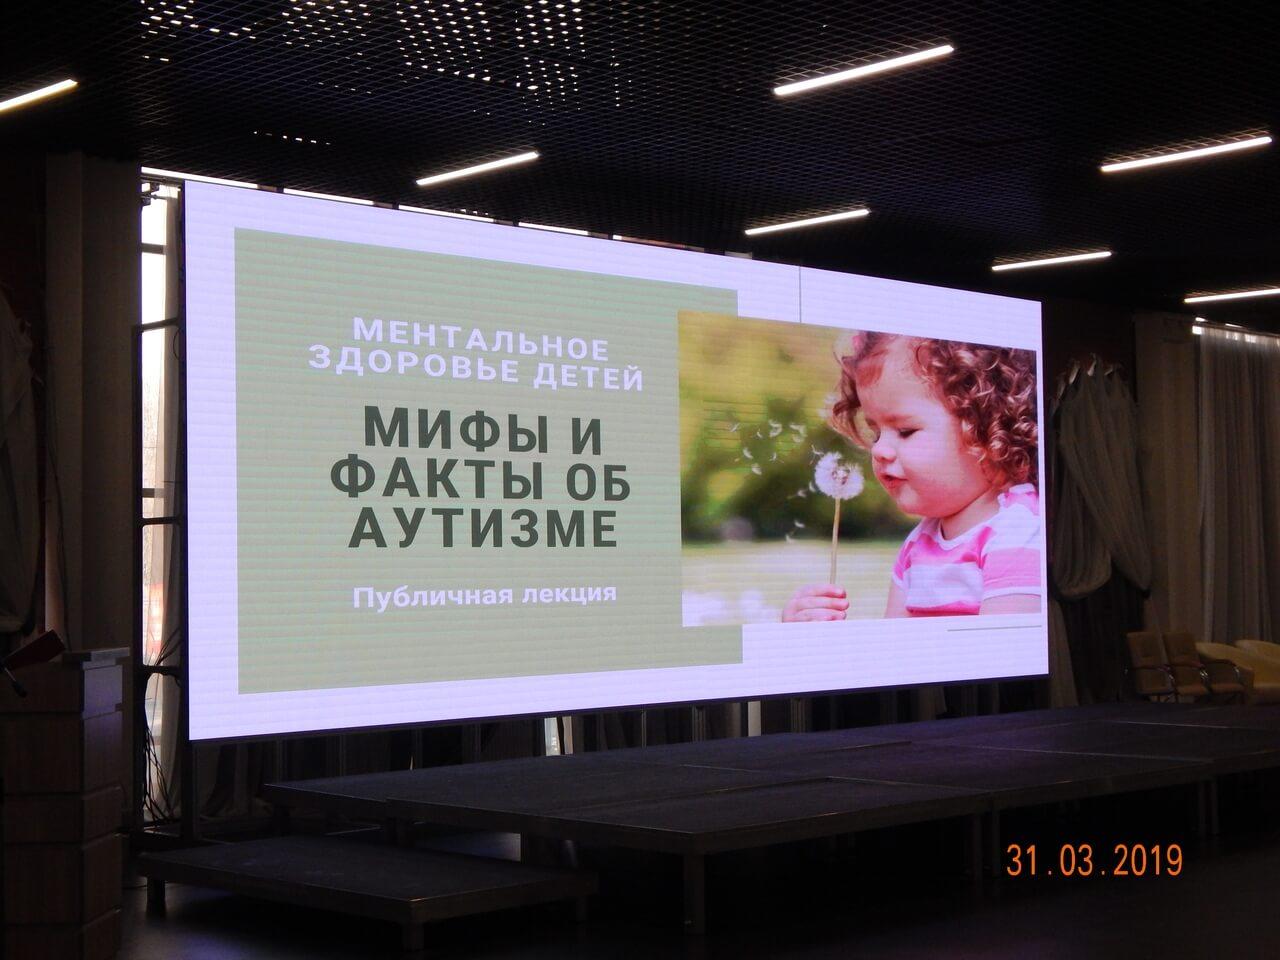 В Саратове состоялась открытая лекция об аутизме 31 марта на площадке Исторического парка «Россия – Моя история» состоялась открытая лекция, посвященная вопросам ментального здоровья детей.